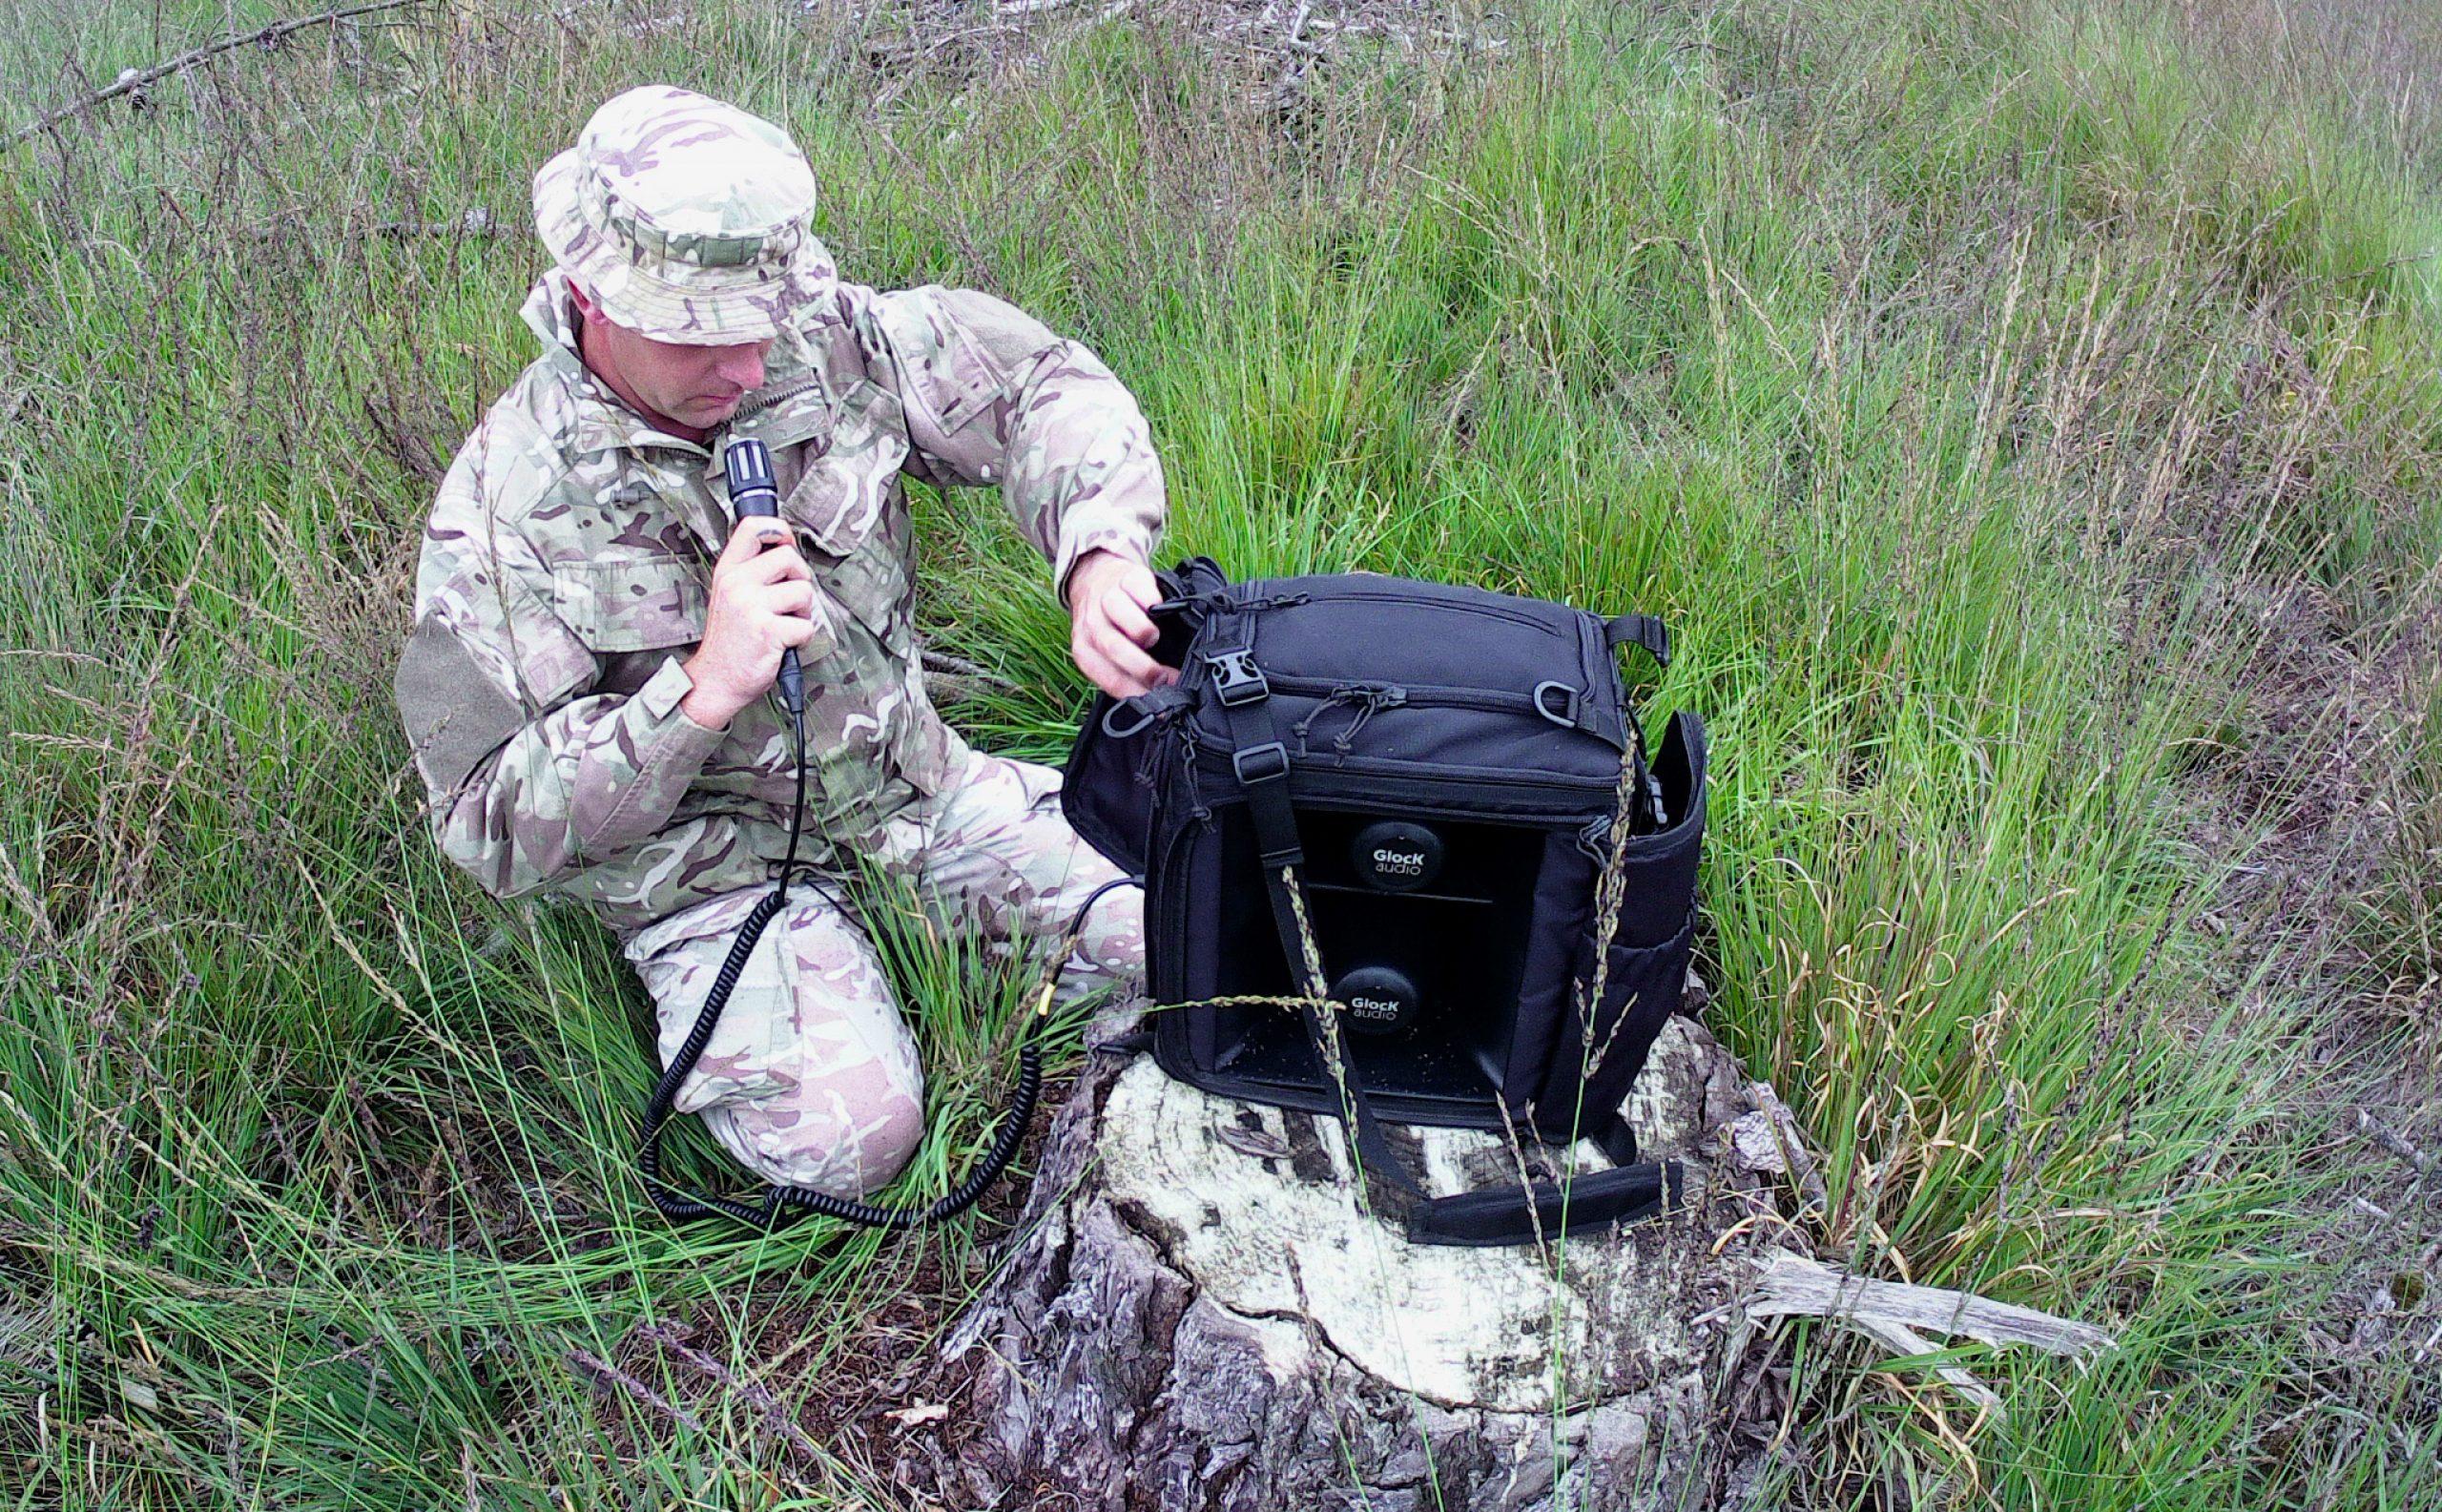 LSA-X-MK2 loudspeaker / megaphone used by army soldier